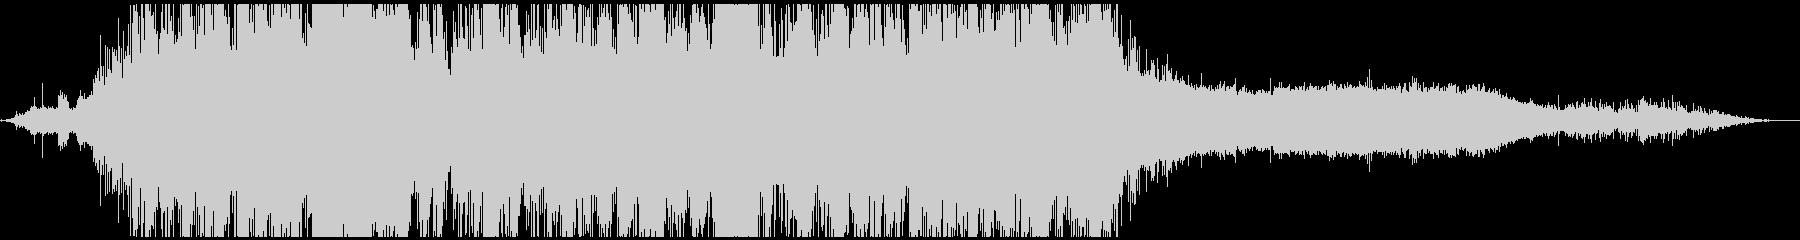 雄大な滝、プリミティブ、左右に駆け巡る音の未再生の波形